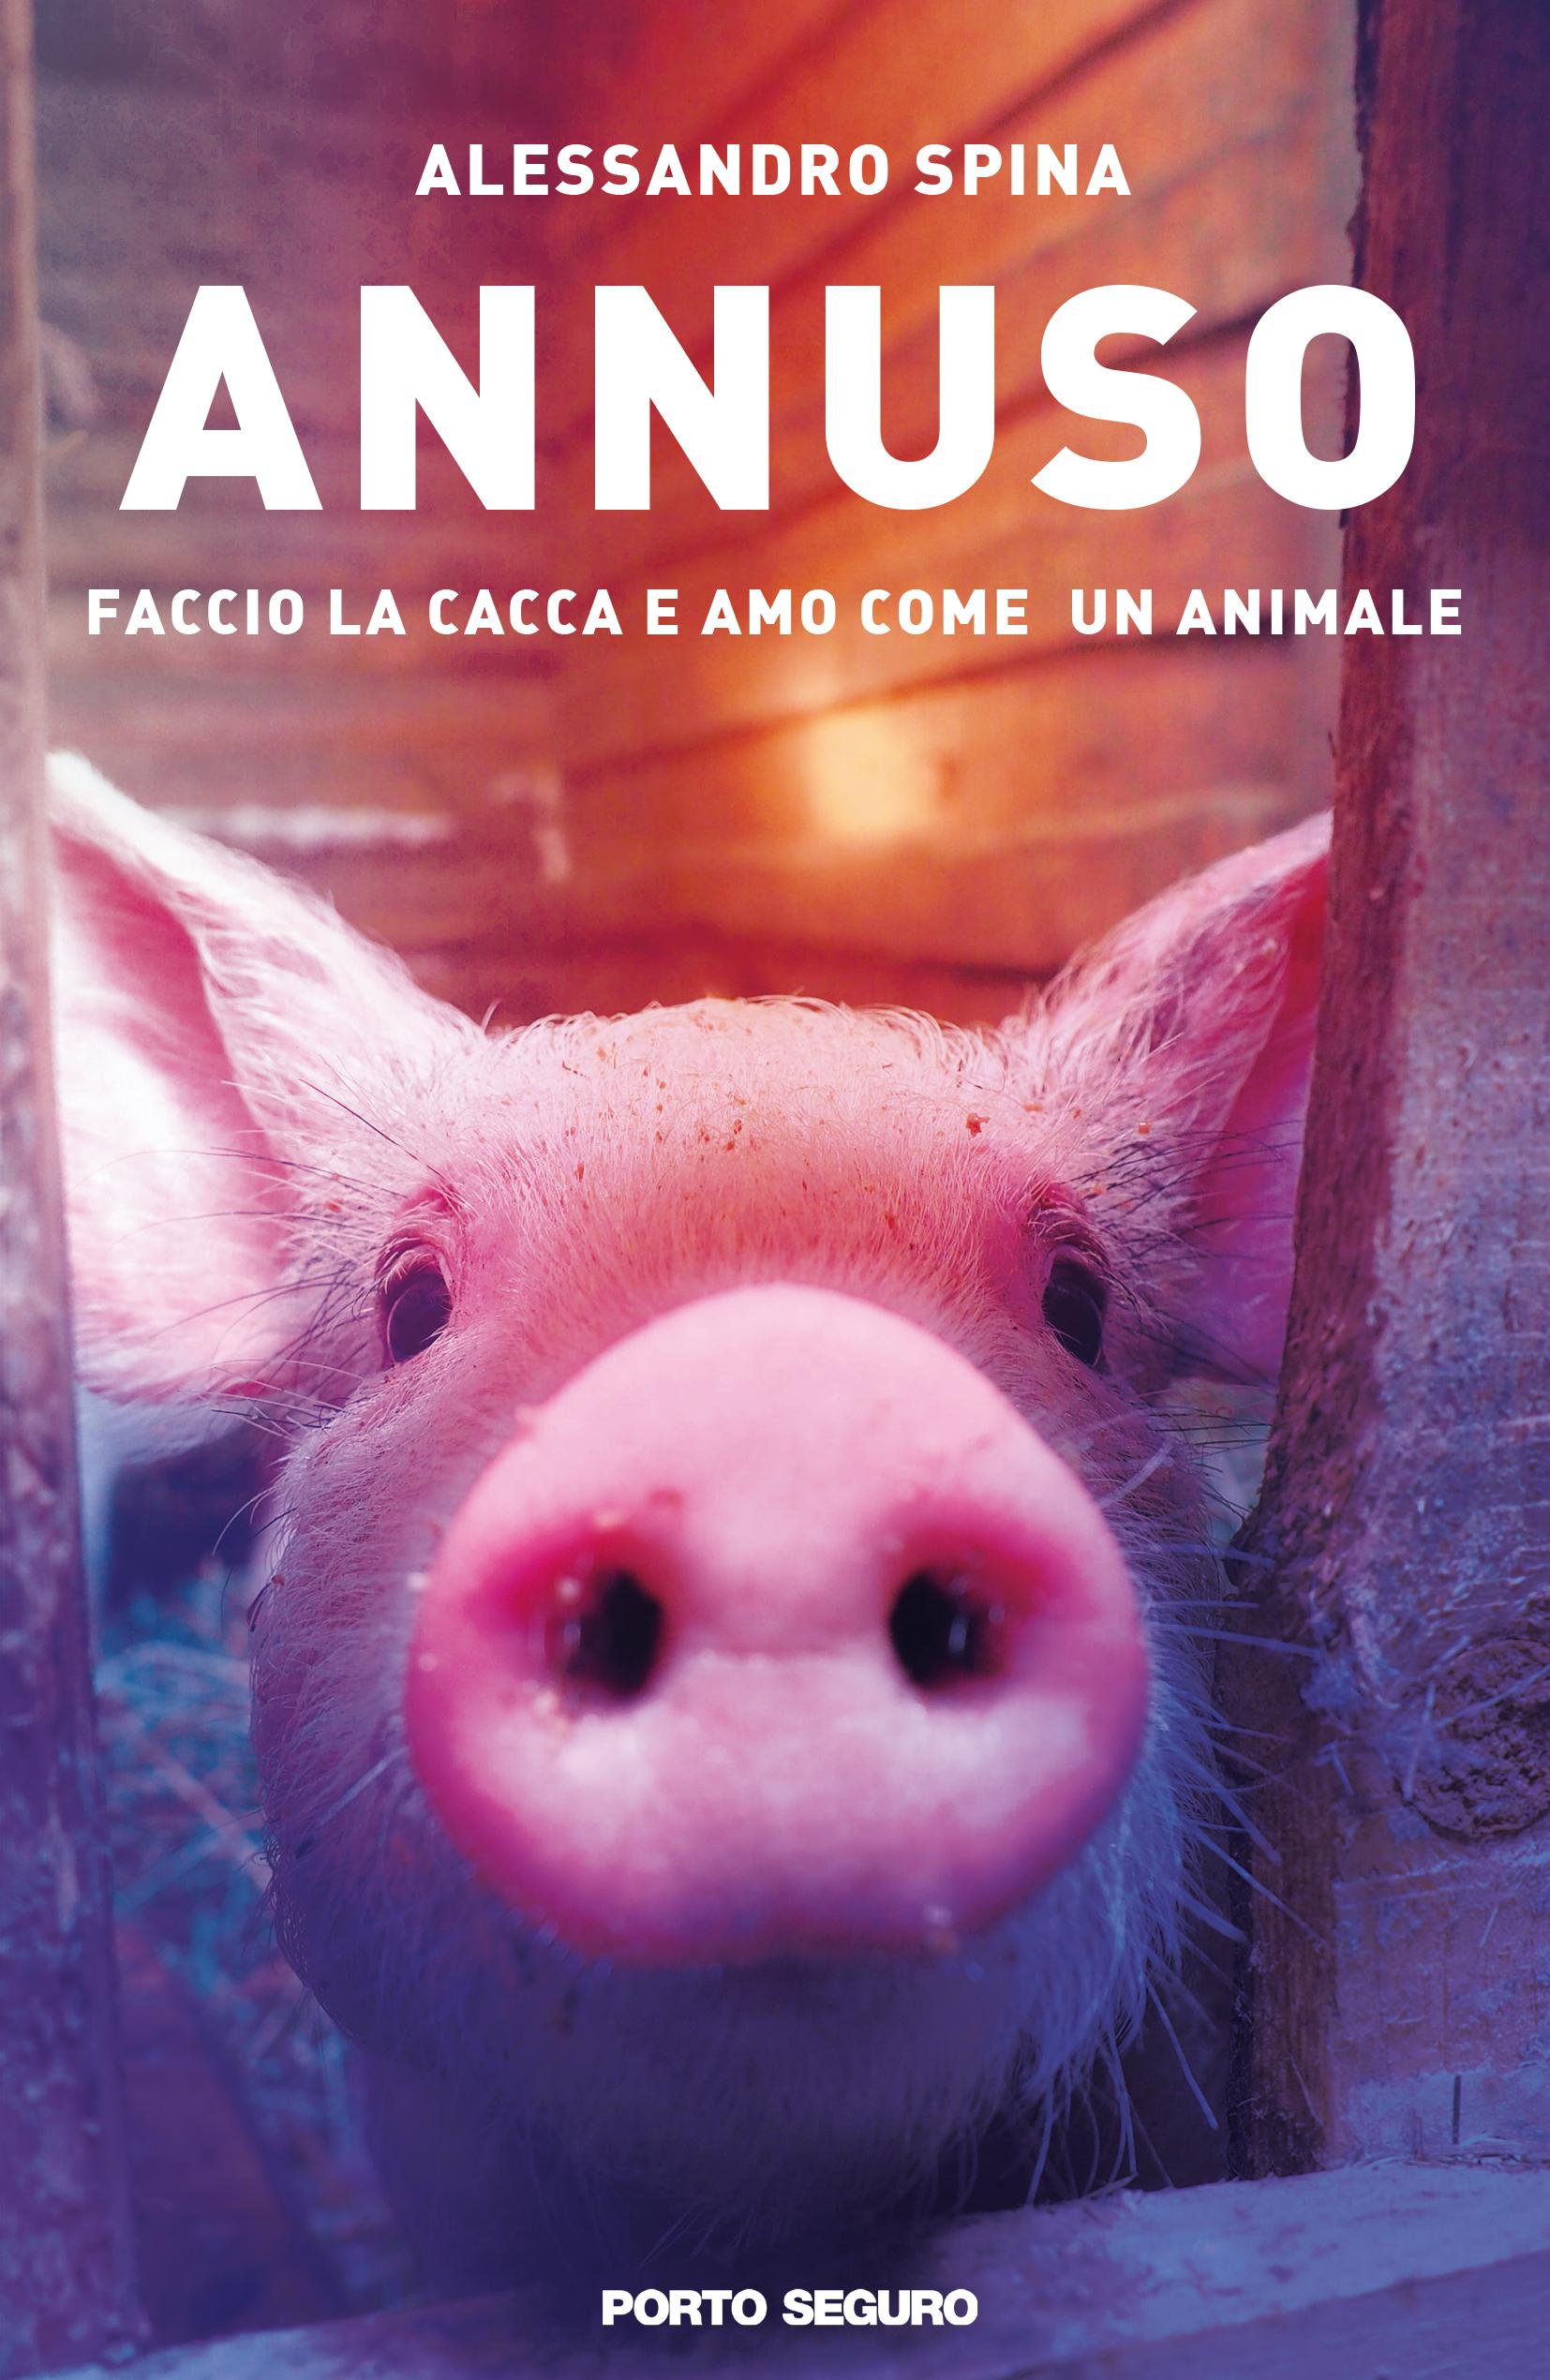 Annuso Faccio La Cacca E Amo Come Un Animale Porto Seguro Editore